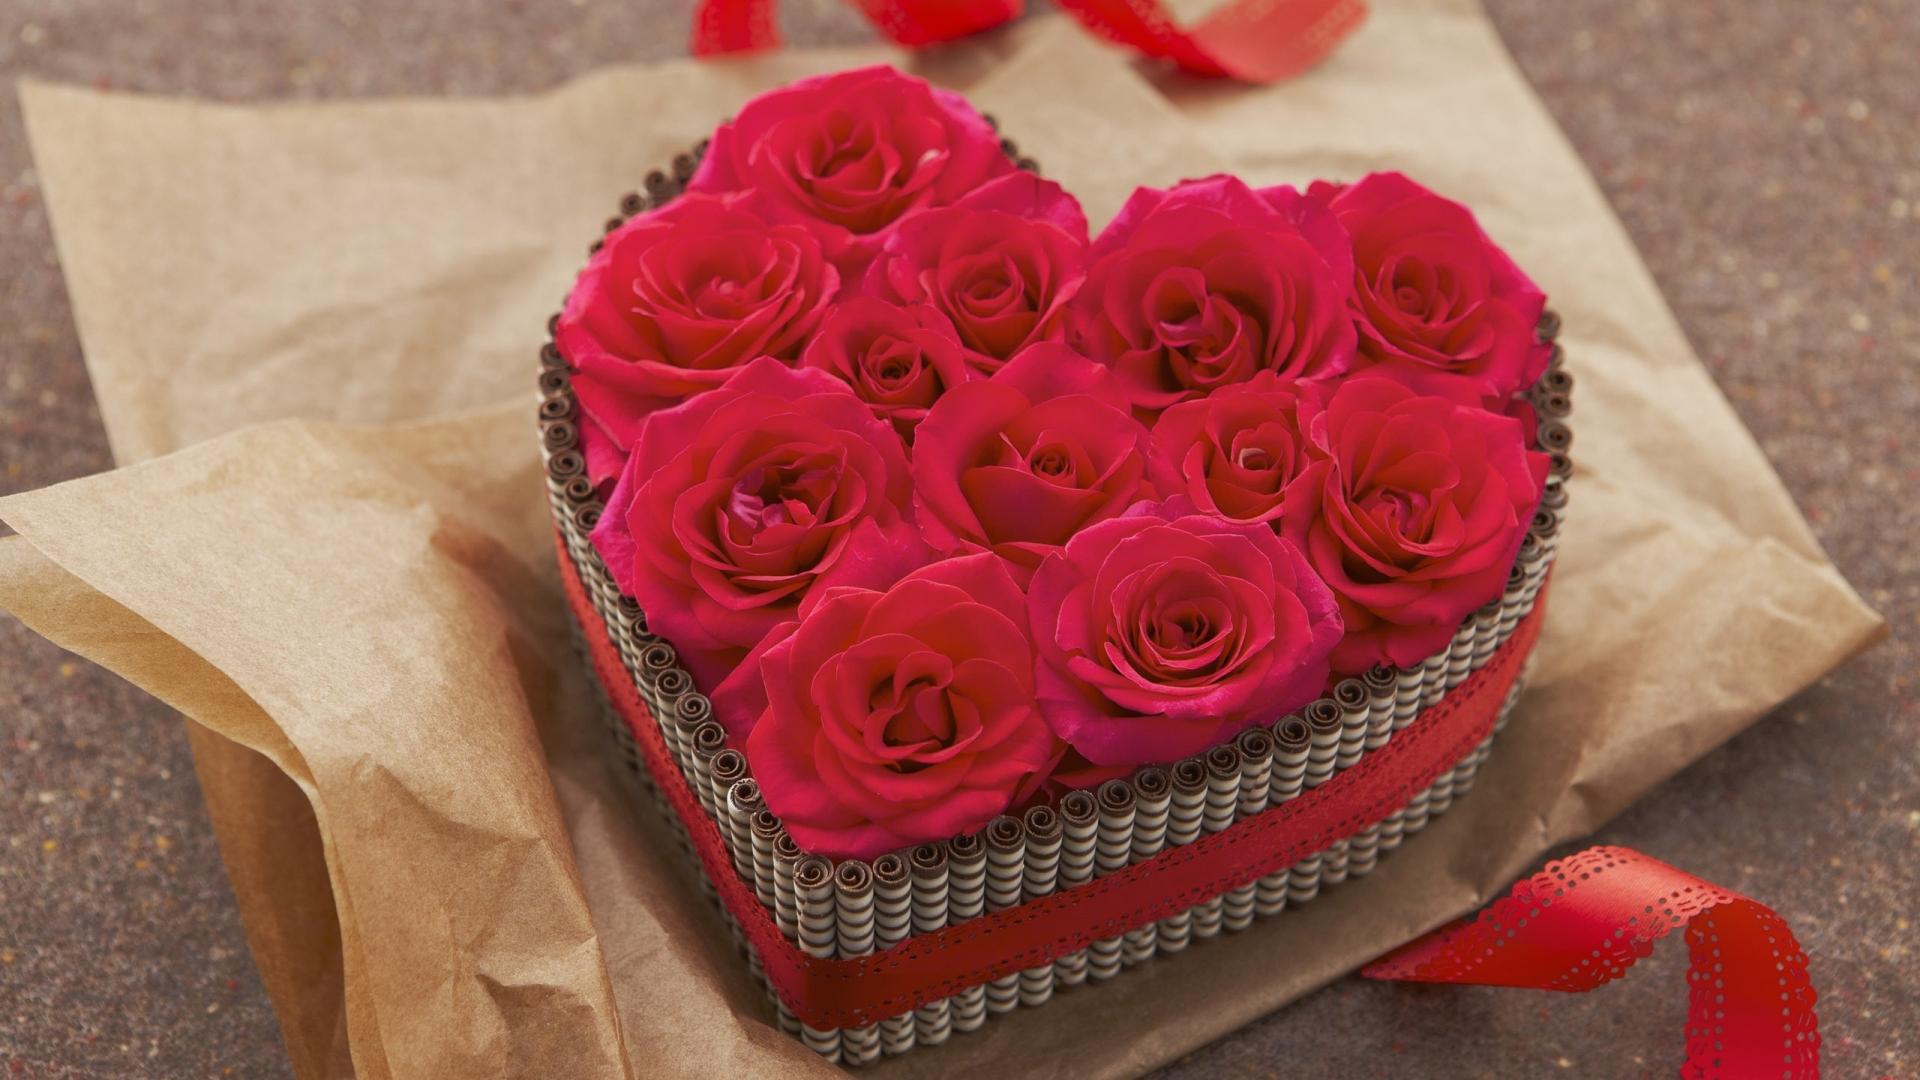 Regalo de rosas - 1920x1080